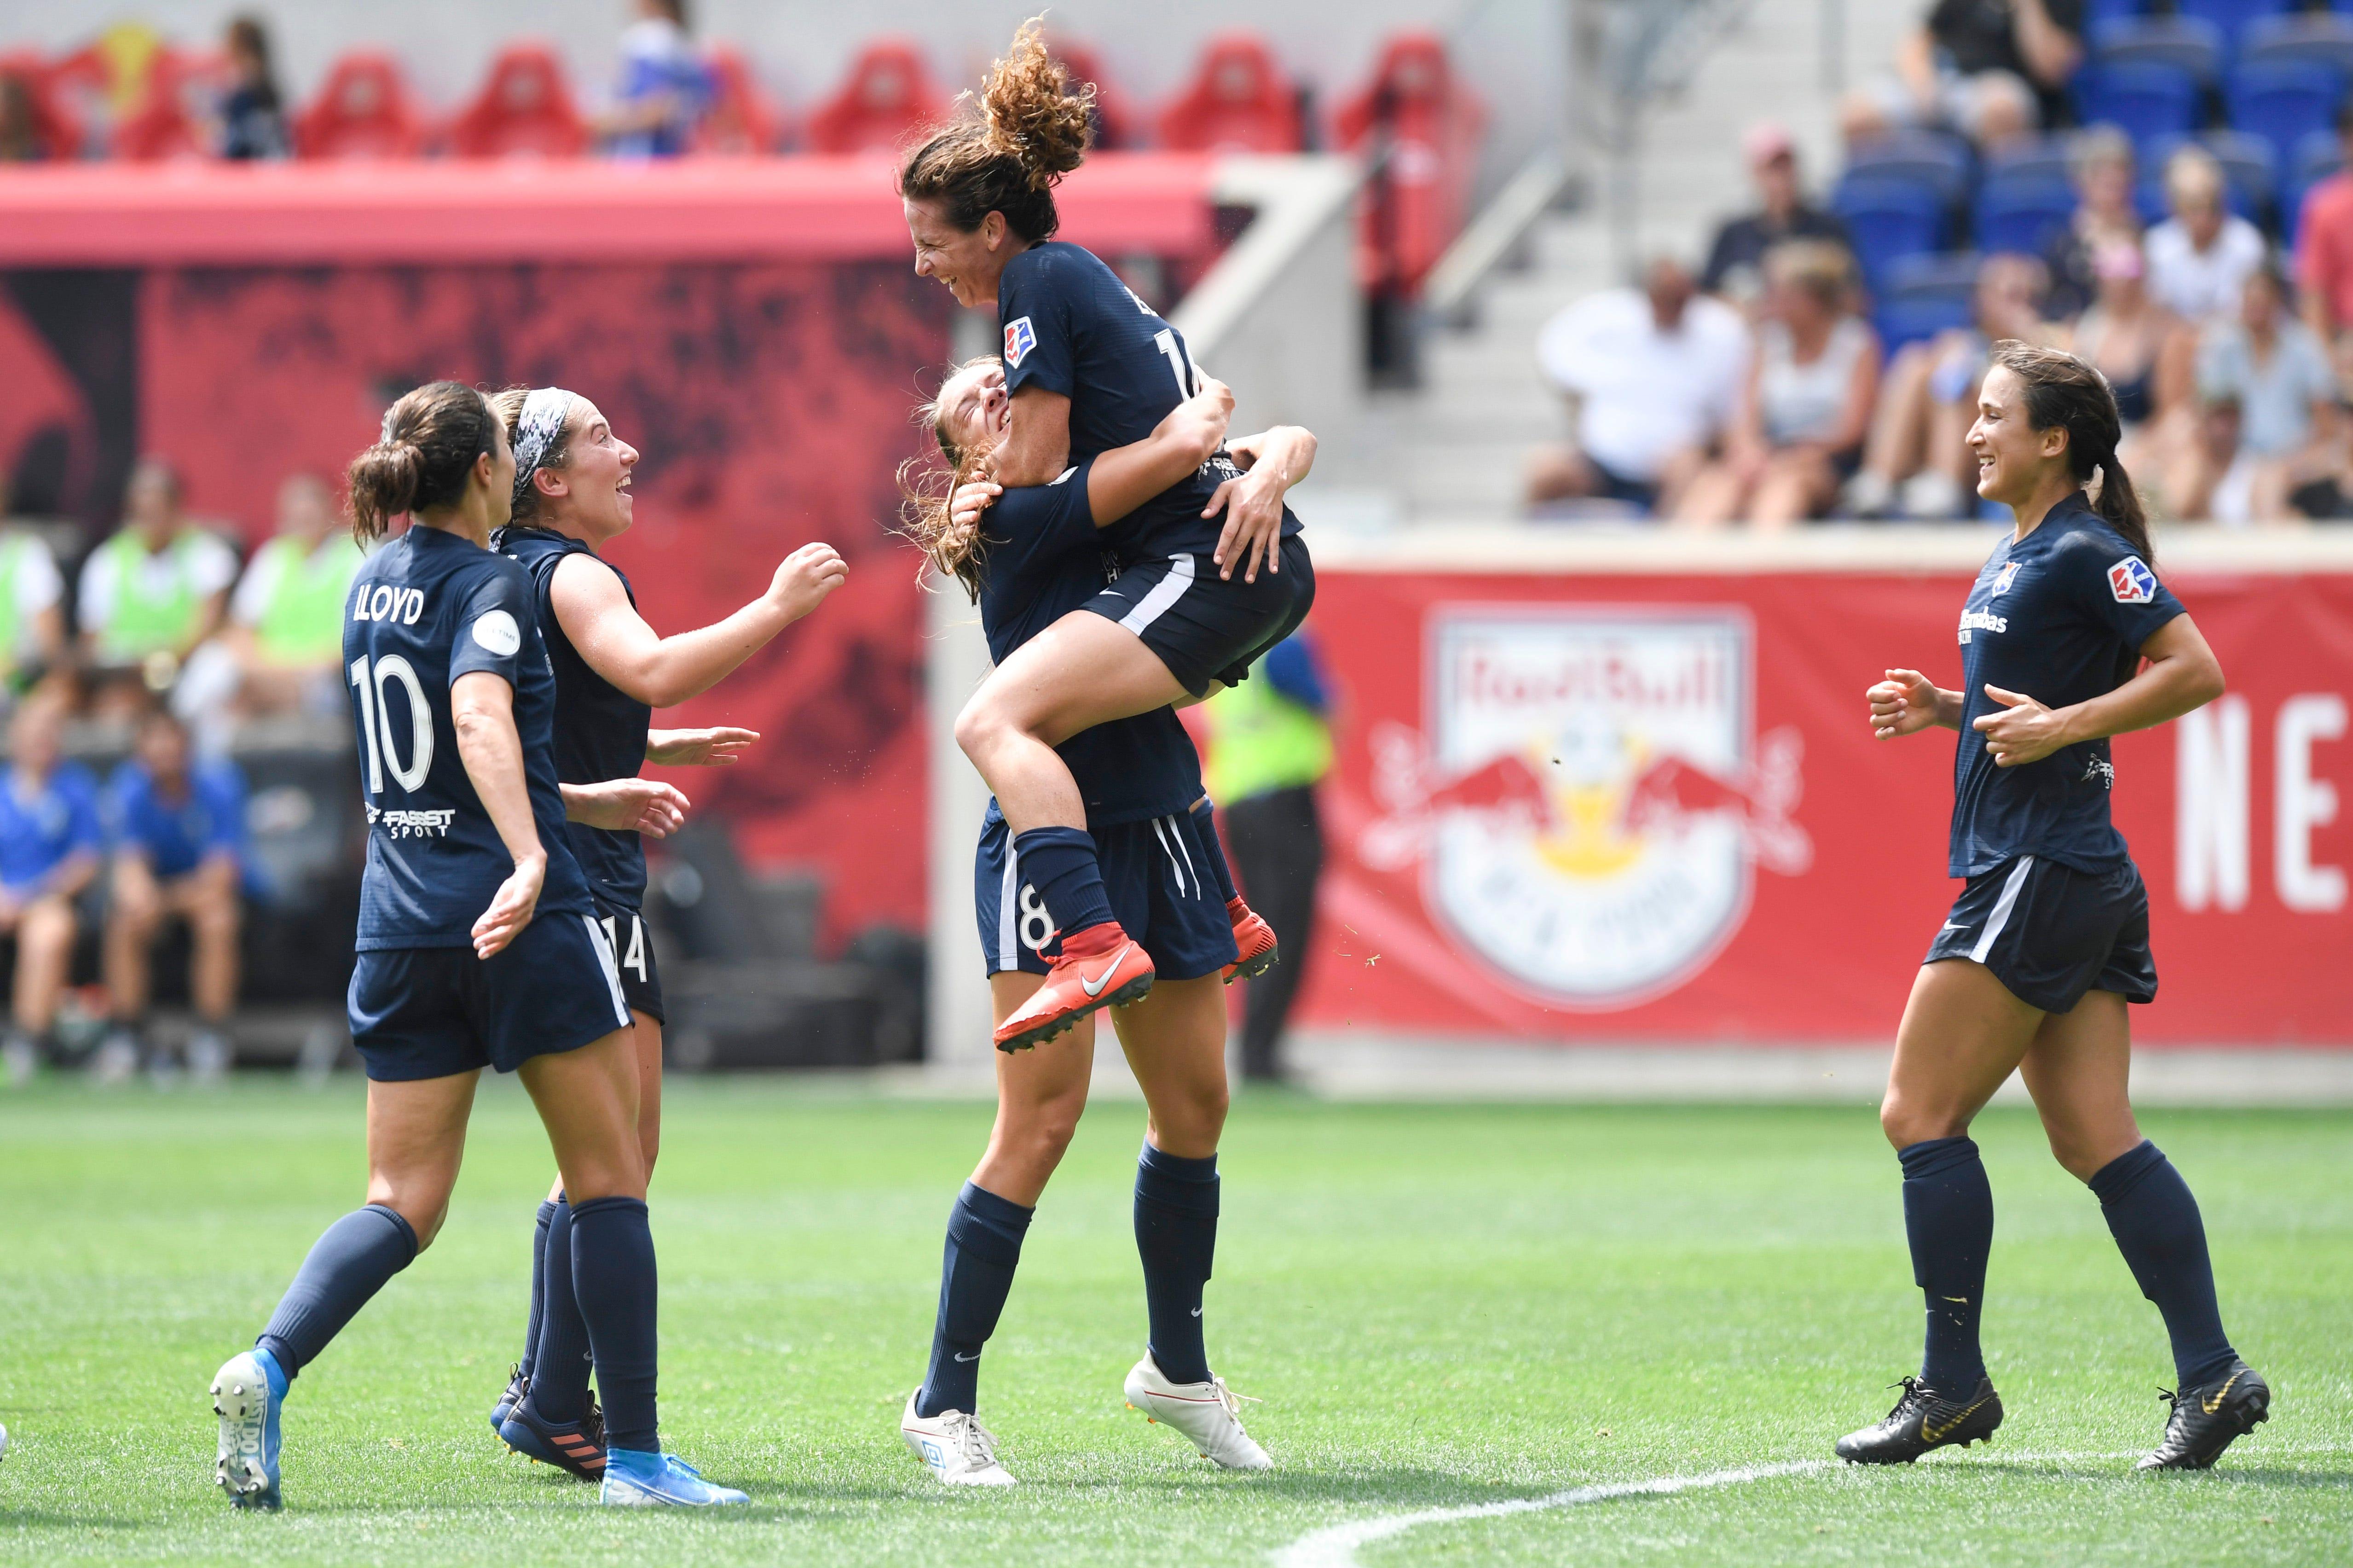 Girl power, women's soccer light up Red Bull Arena